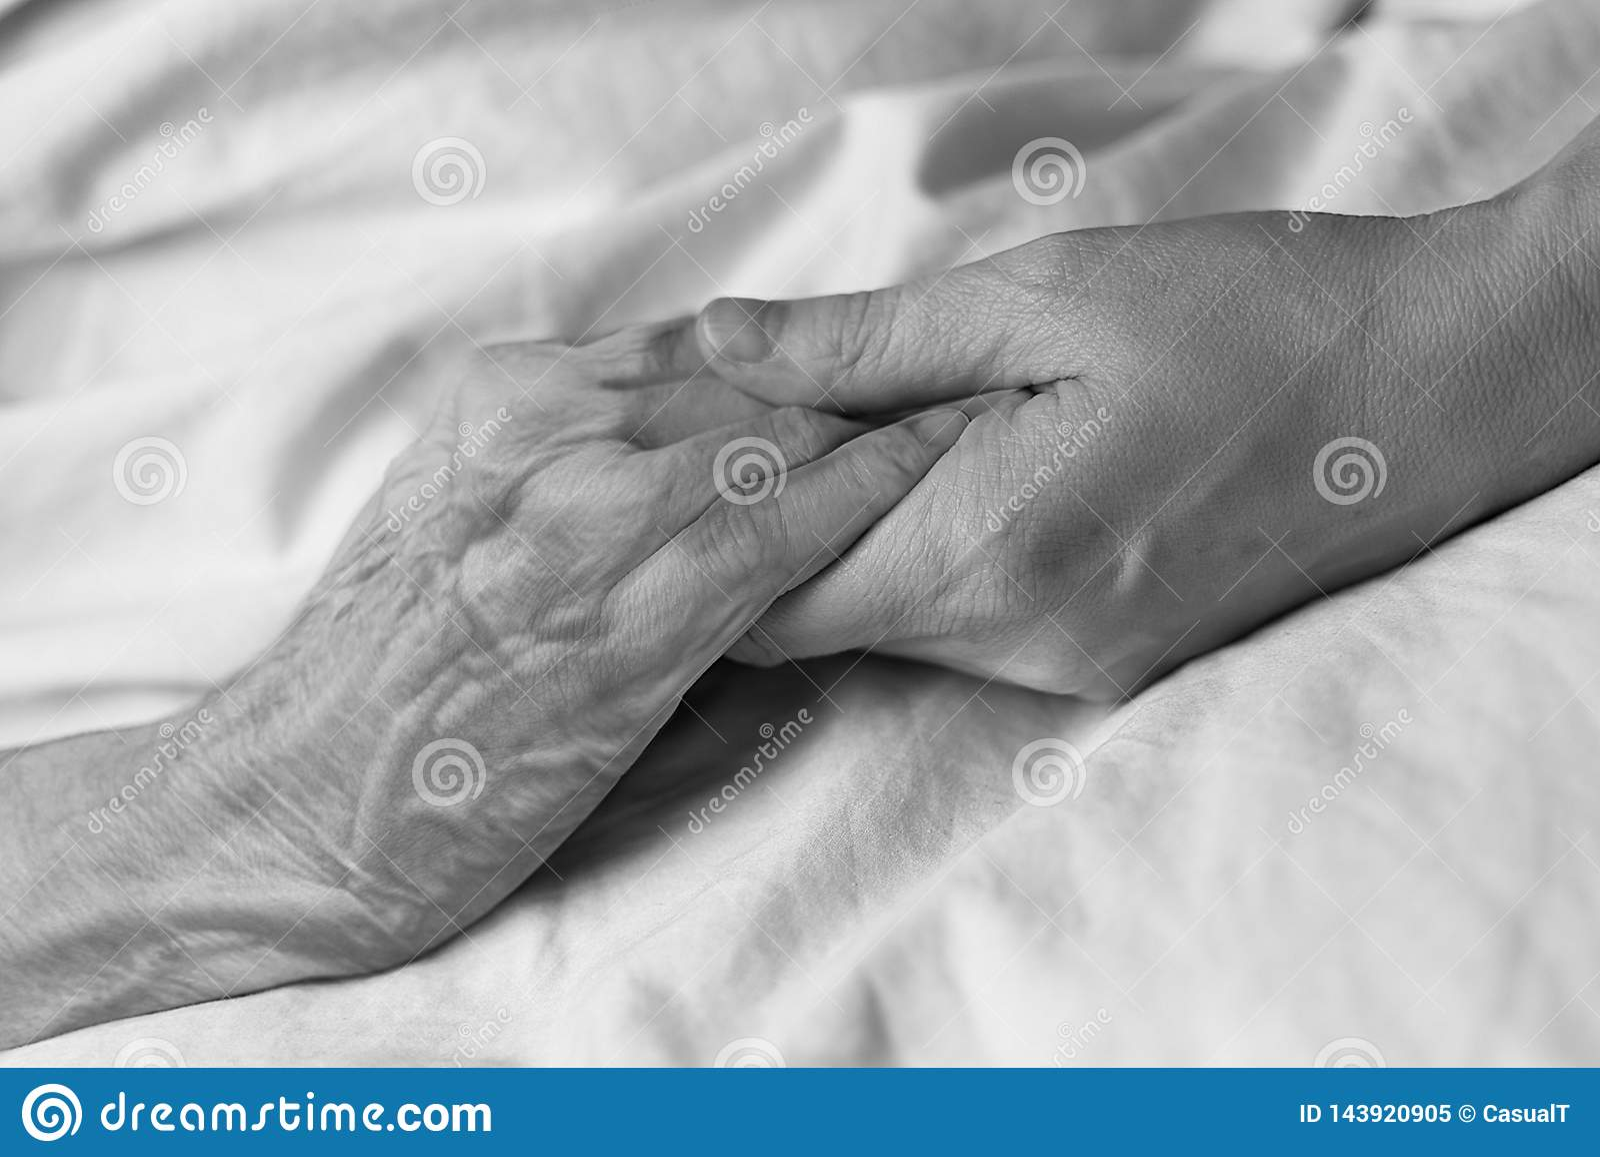 Uma jovem mulher que guarda a mão de uma mulher adulta em uma cama de hospital, preto & branco